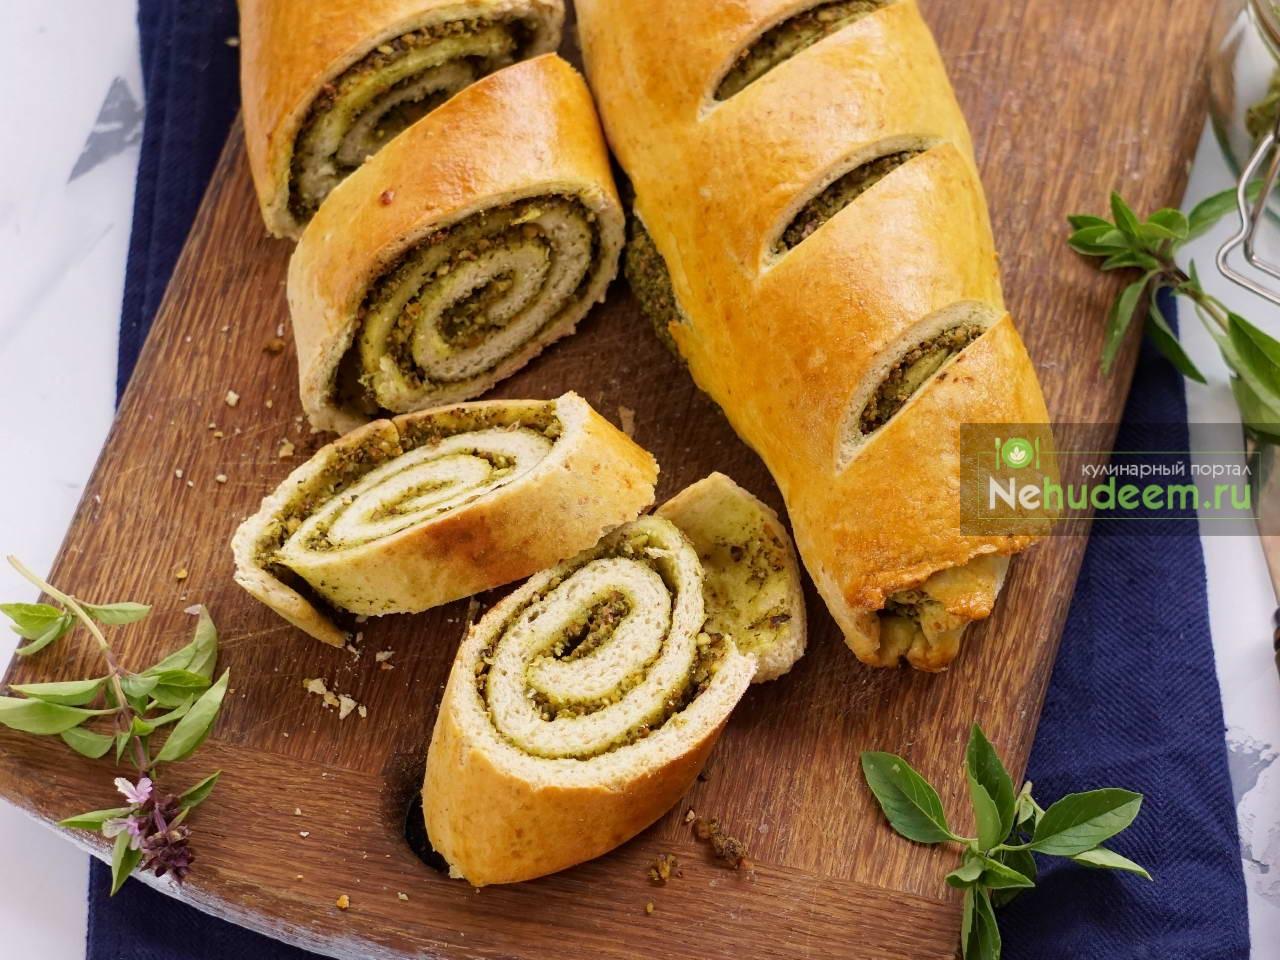 Итальянский хлеб с песто